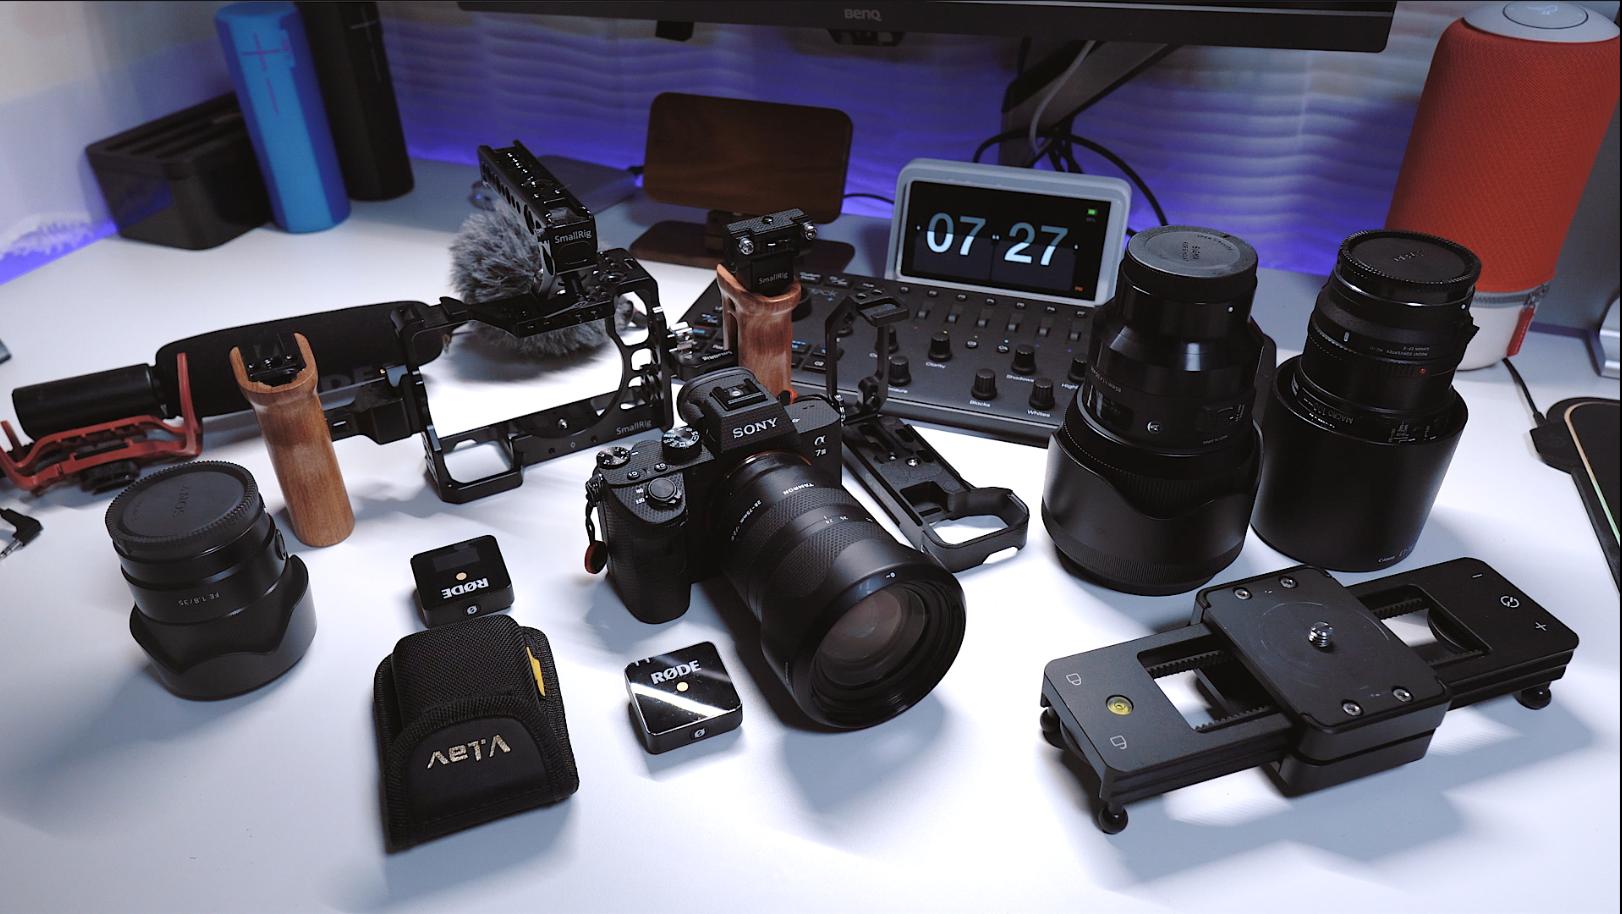 让A7M3更好用,我的相机配件大公开